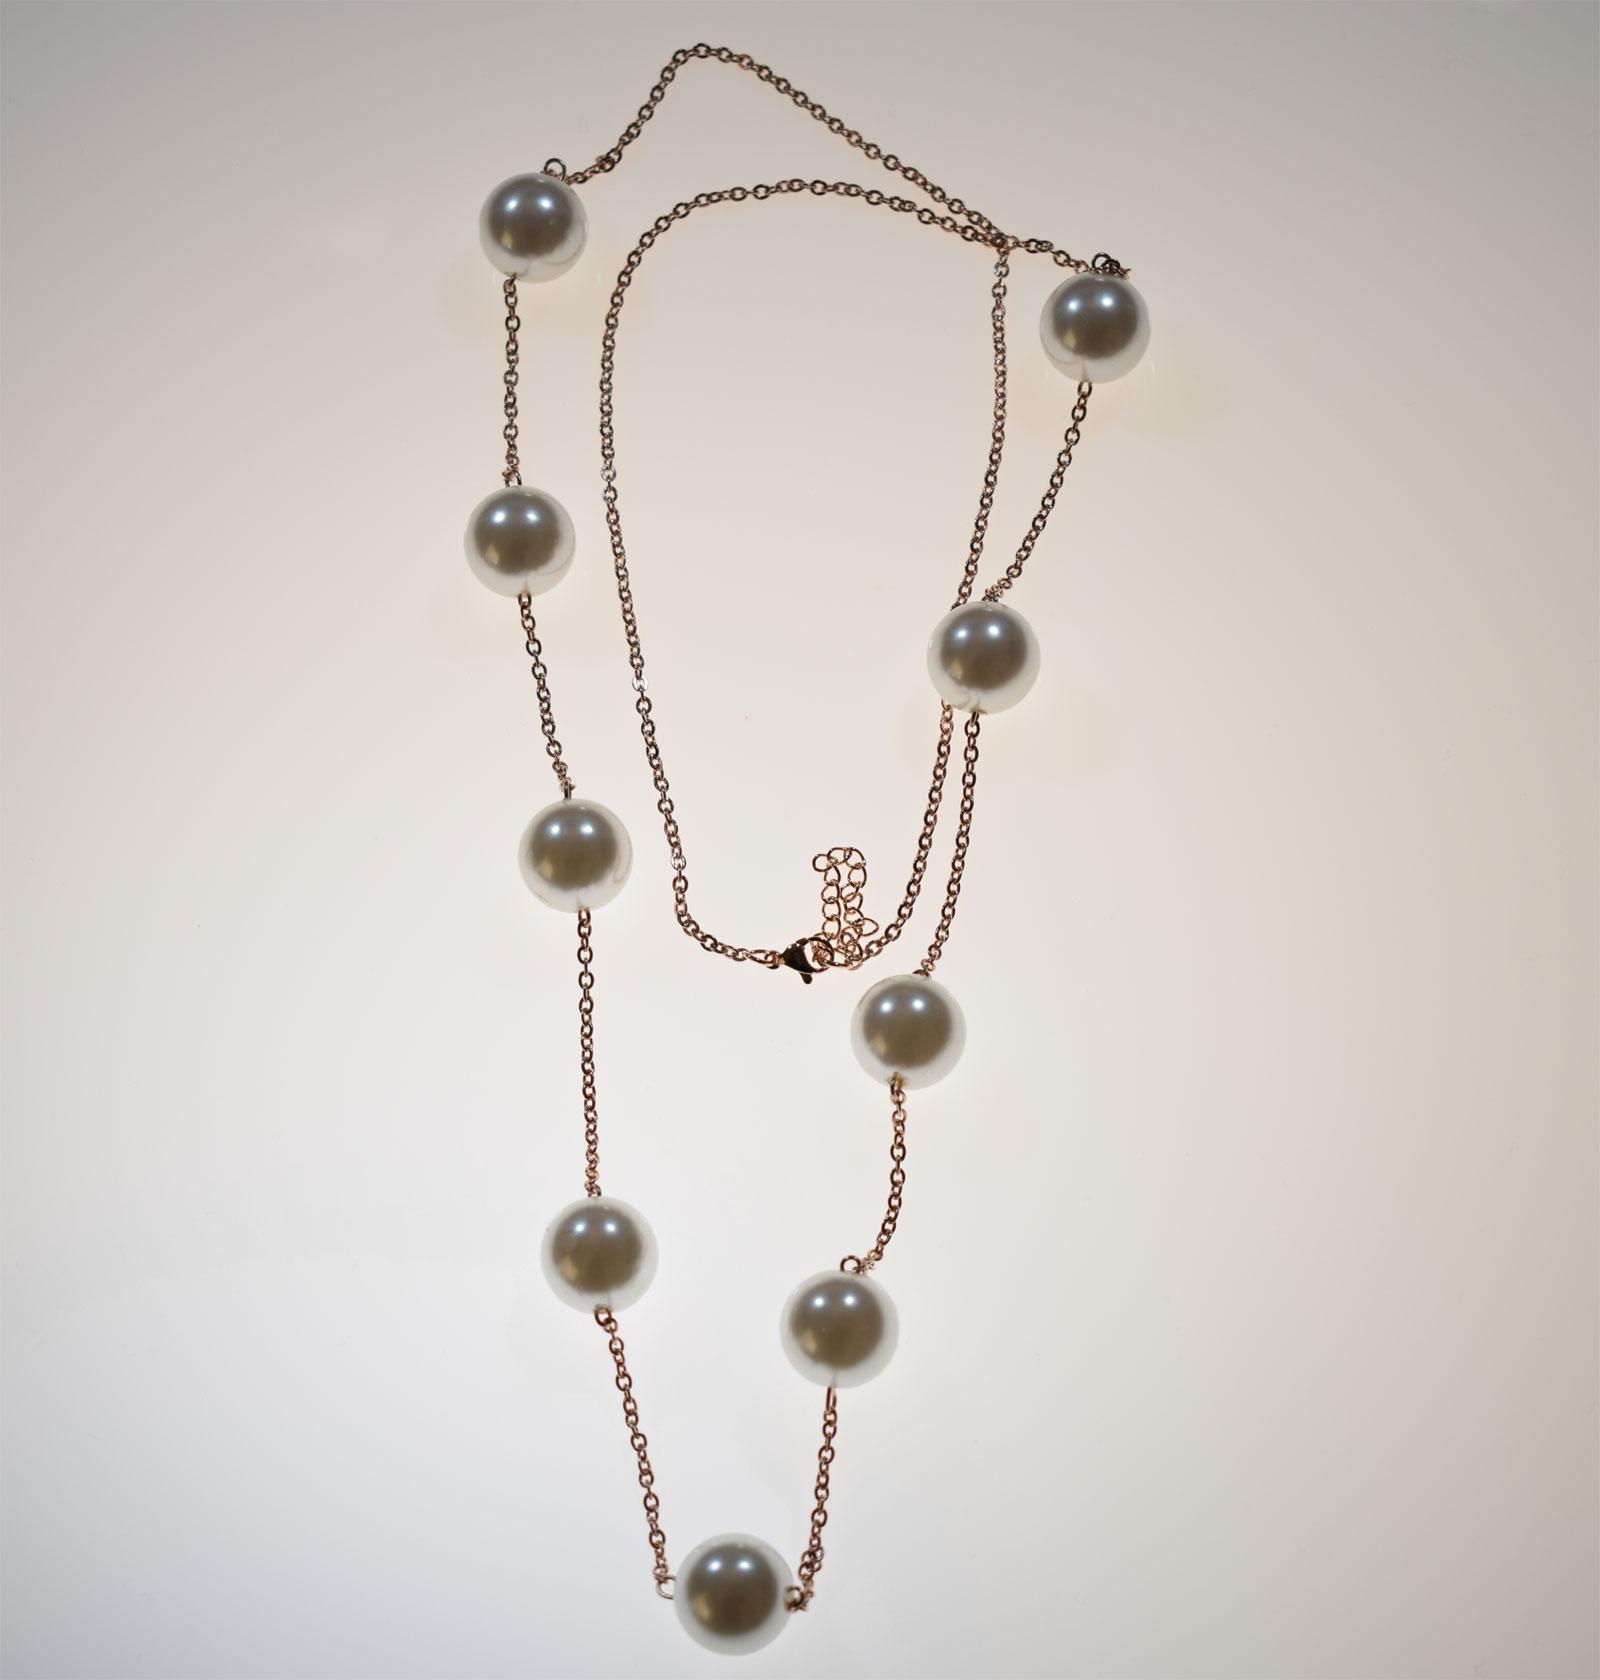 Κολιέ ατσάλινο (stainless steel) σε ροζ χρυσό χρώμα με πέρλες BZ-NK-00145 4bcfd8e7abe